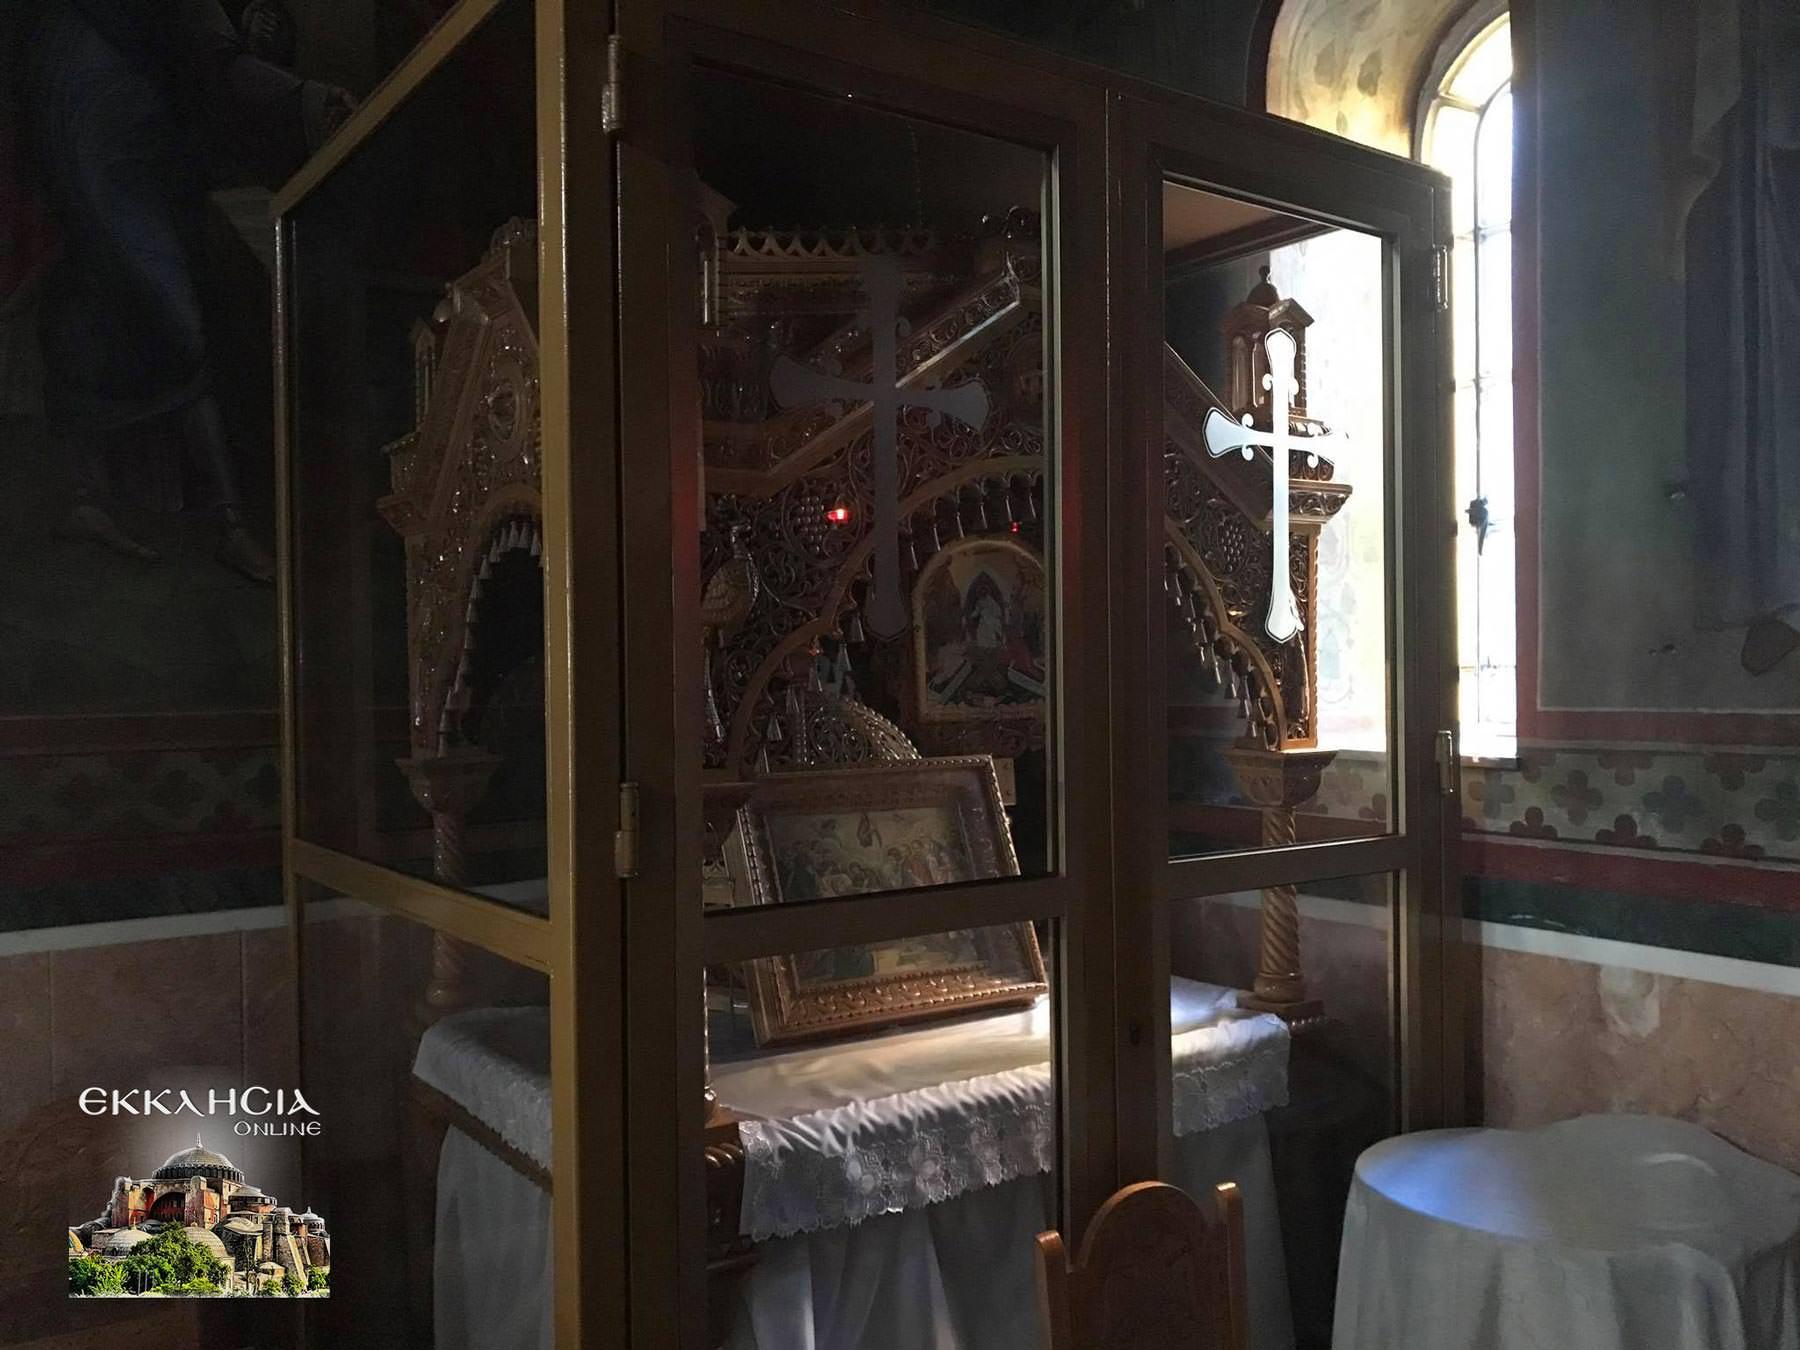 Ιερός Ναός Αγίου Νείλου Πειραιάς 2020 Εσπερινός